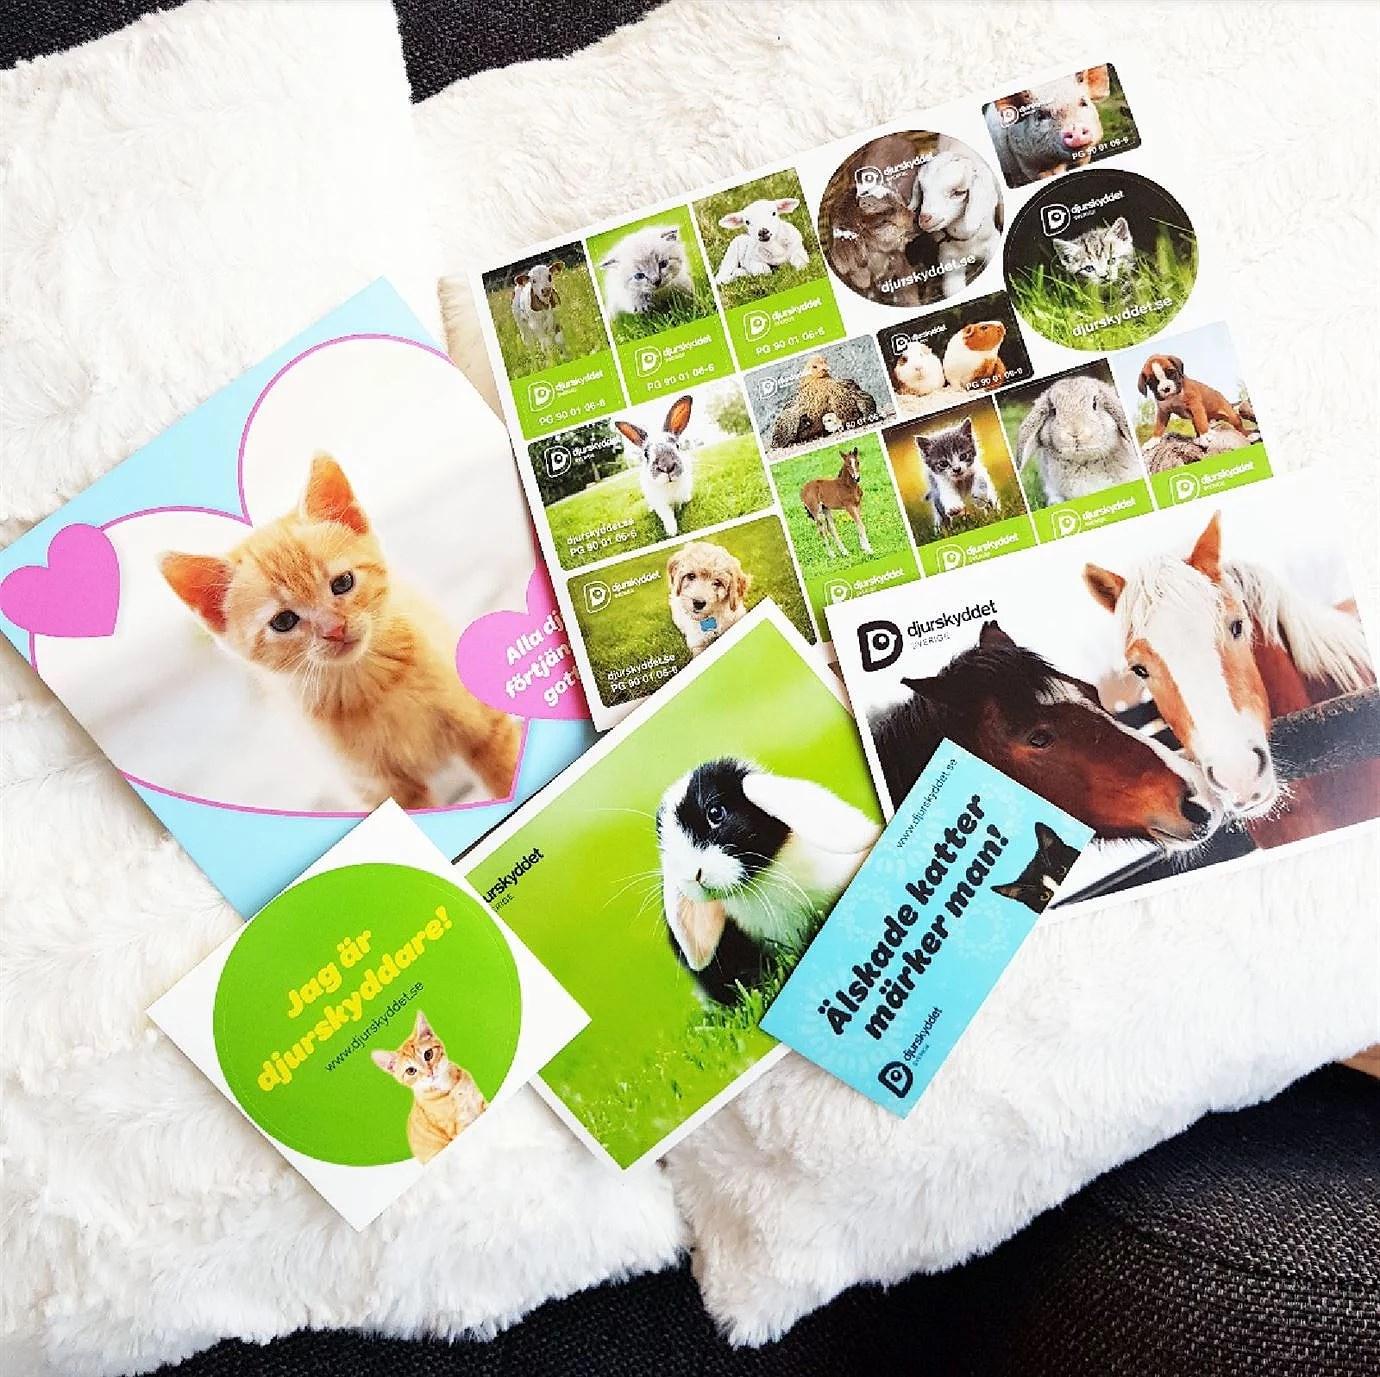 Gratis klistermärken från Djurskyddet